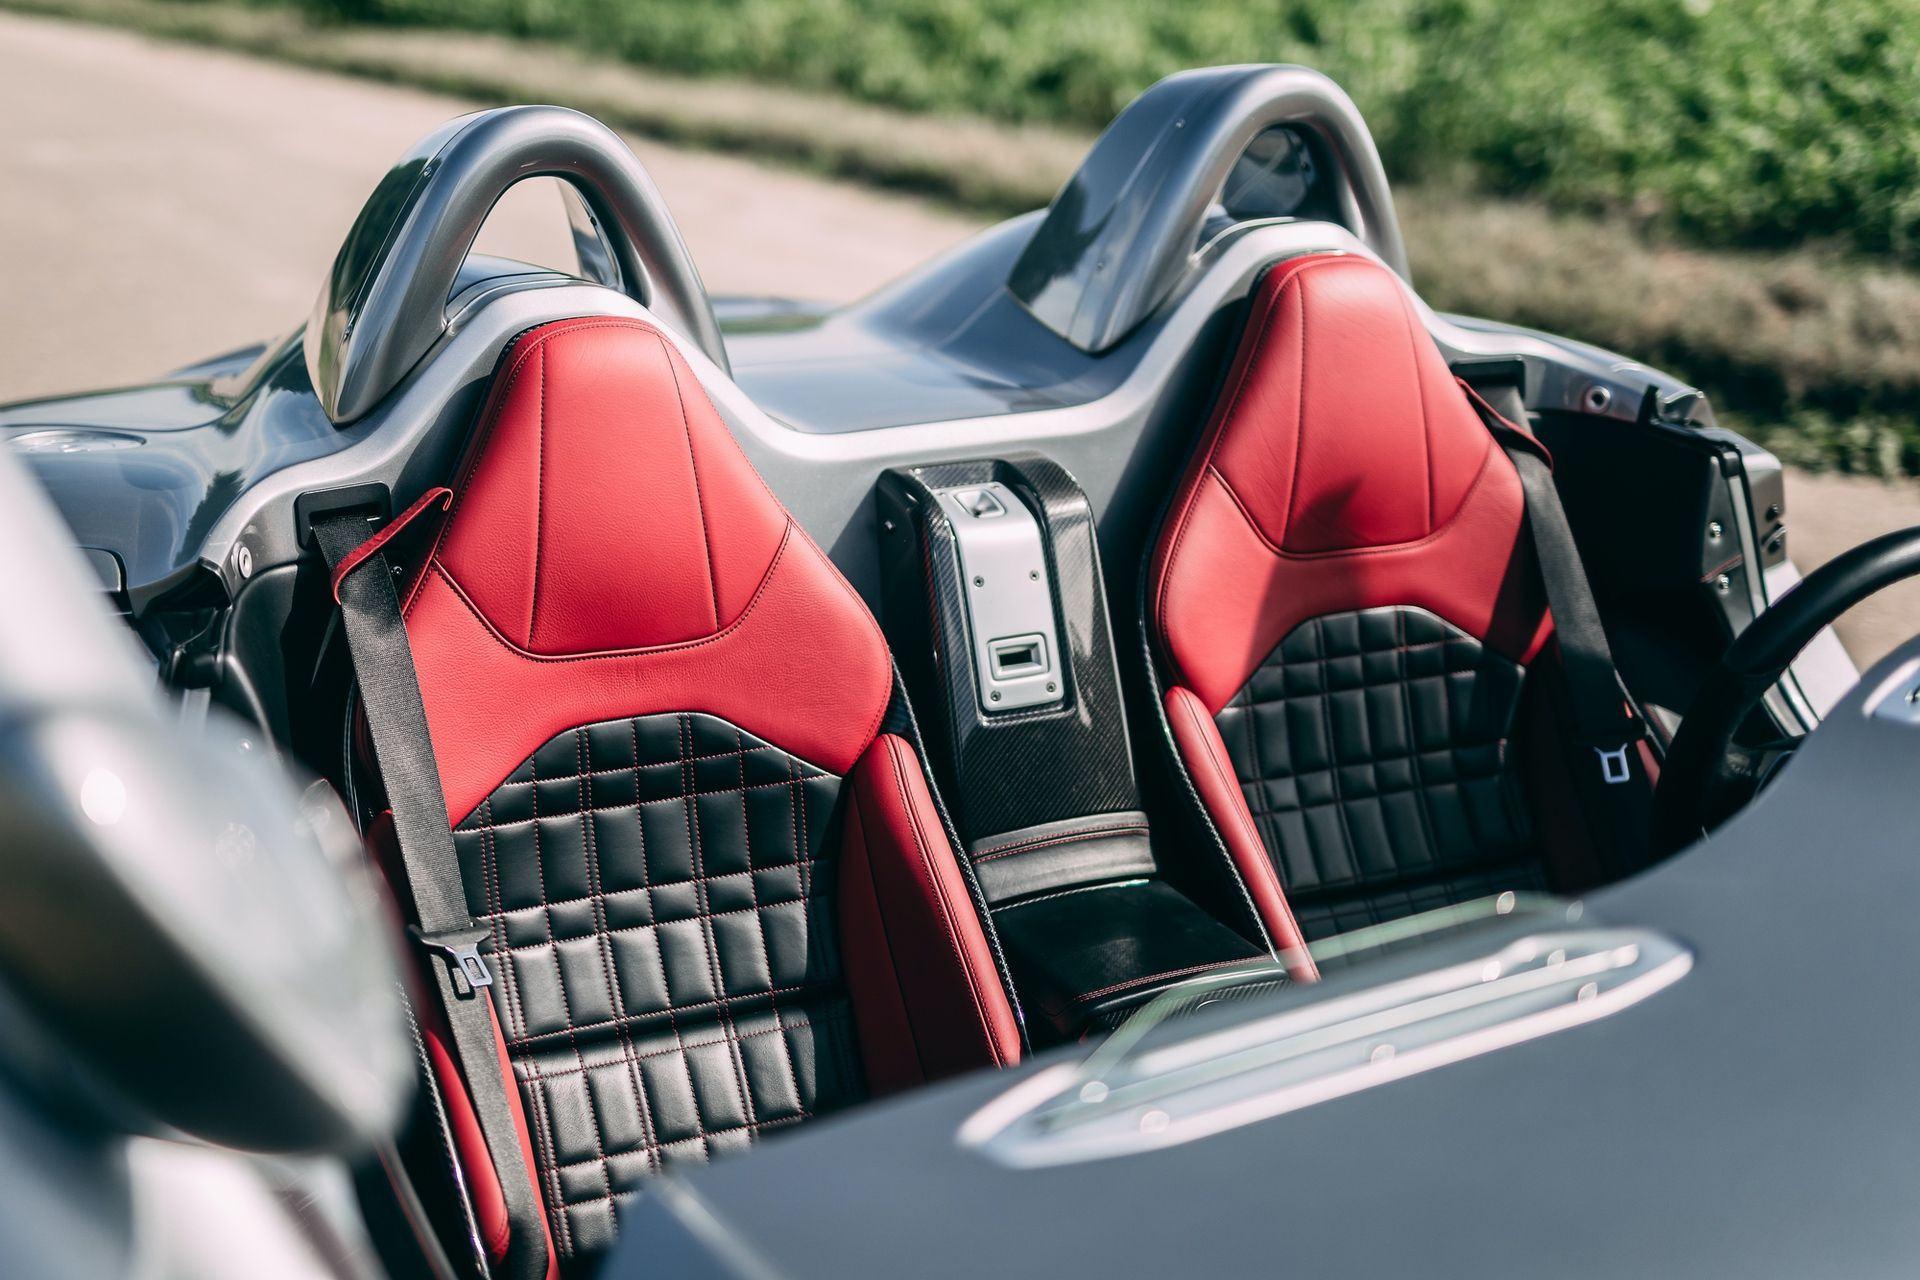 2009-Mercedes-Benz-SLR-McLaren-Stirling-Moss-_15